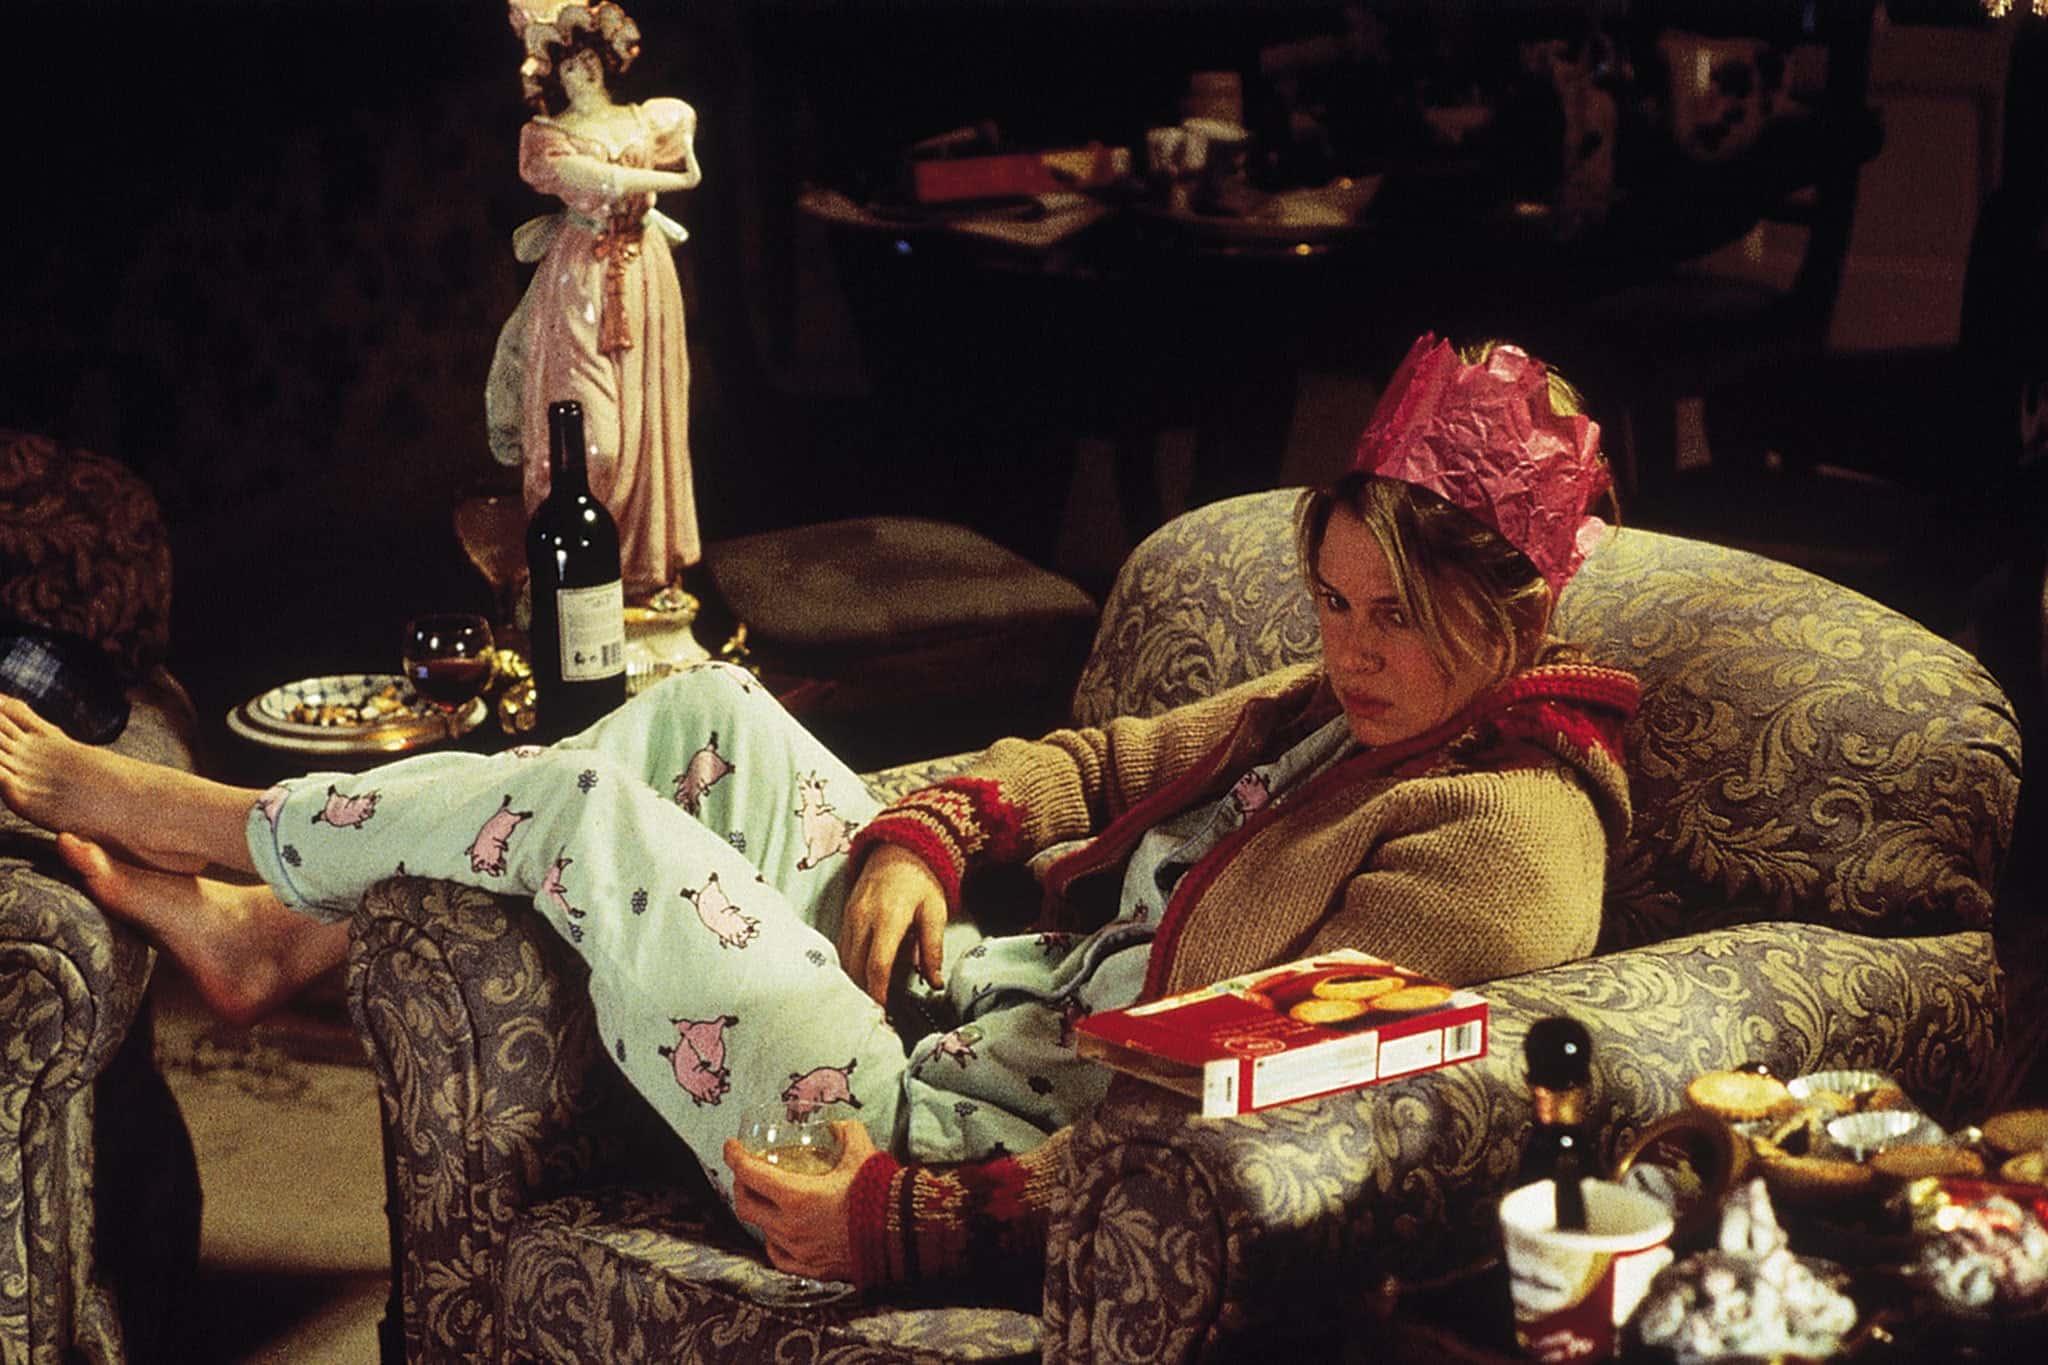 Bridget Jones's Diary facts